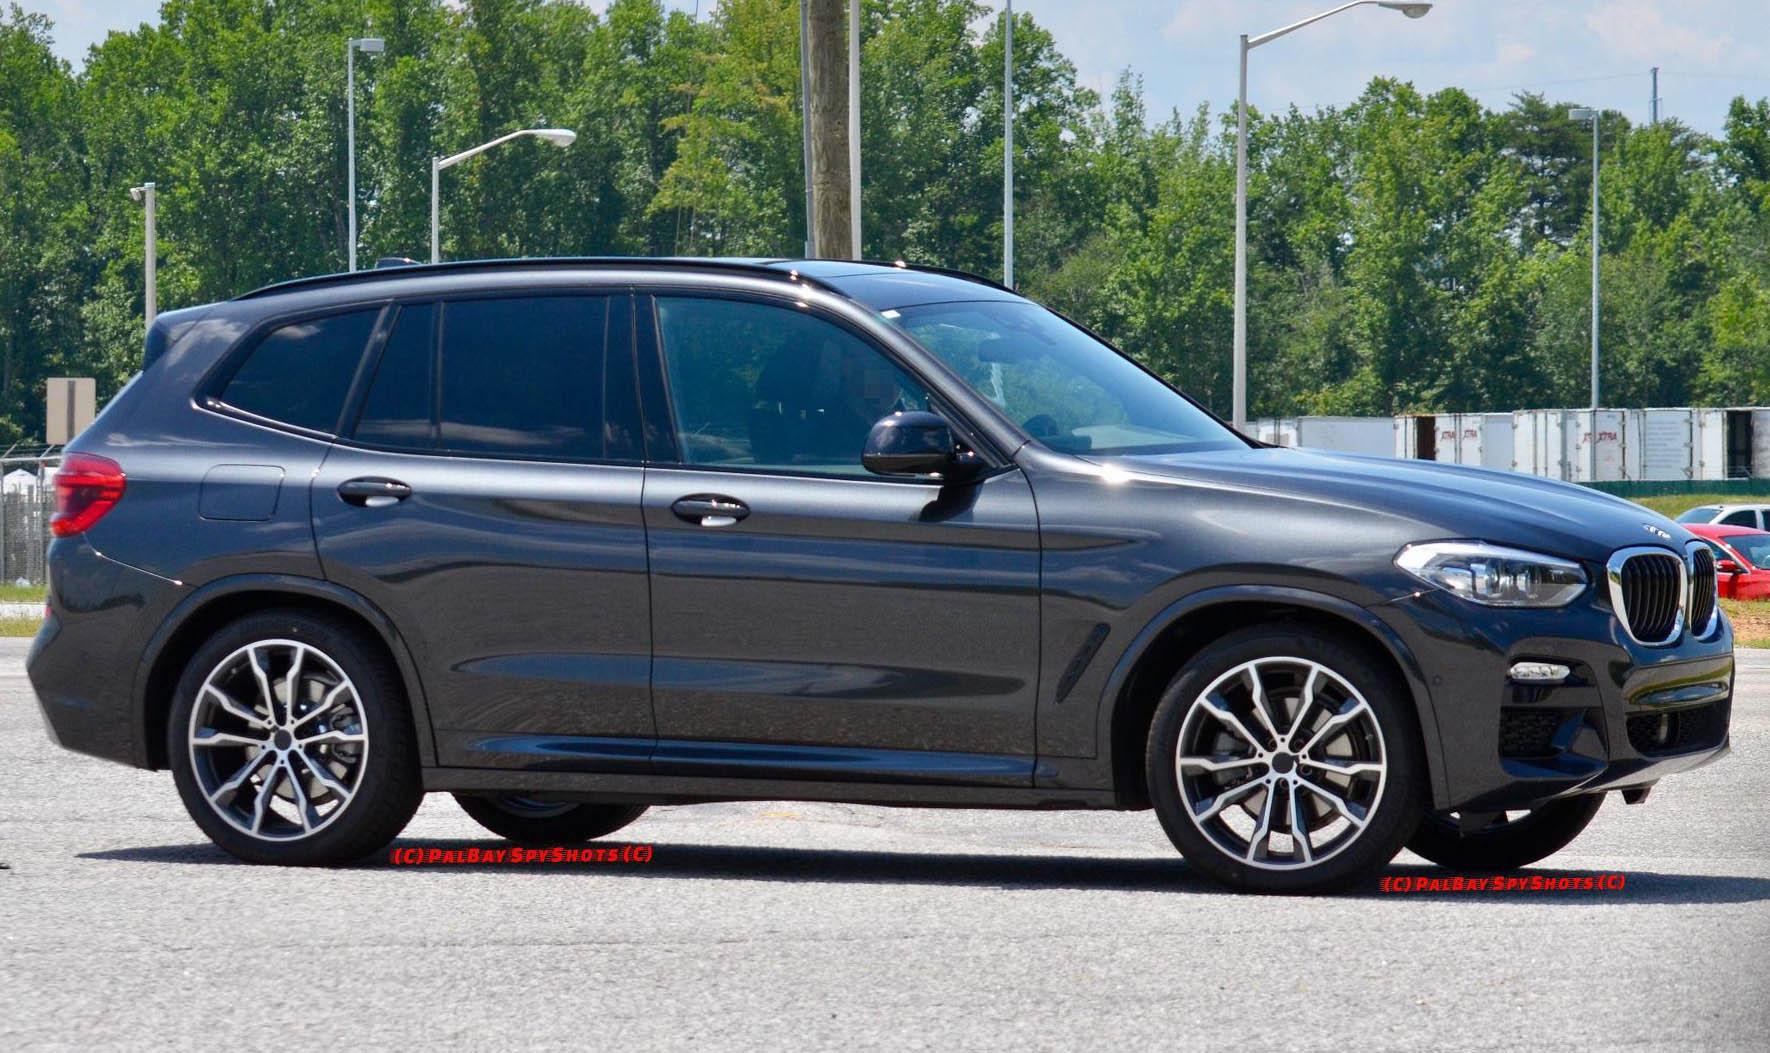 БМВ Х3 в новом кузове заметили с пакетом М Спорт - фото: http://allroader.ru/bmw-x3-2018-m-sport-58758-2/